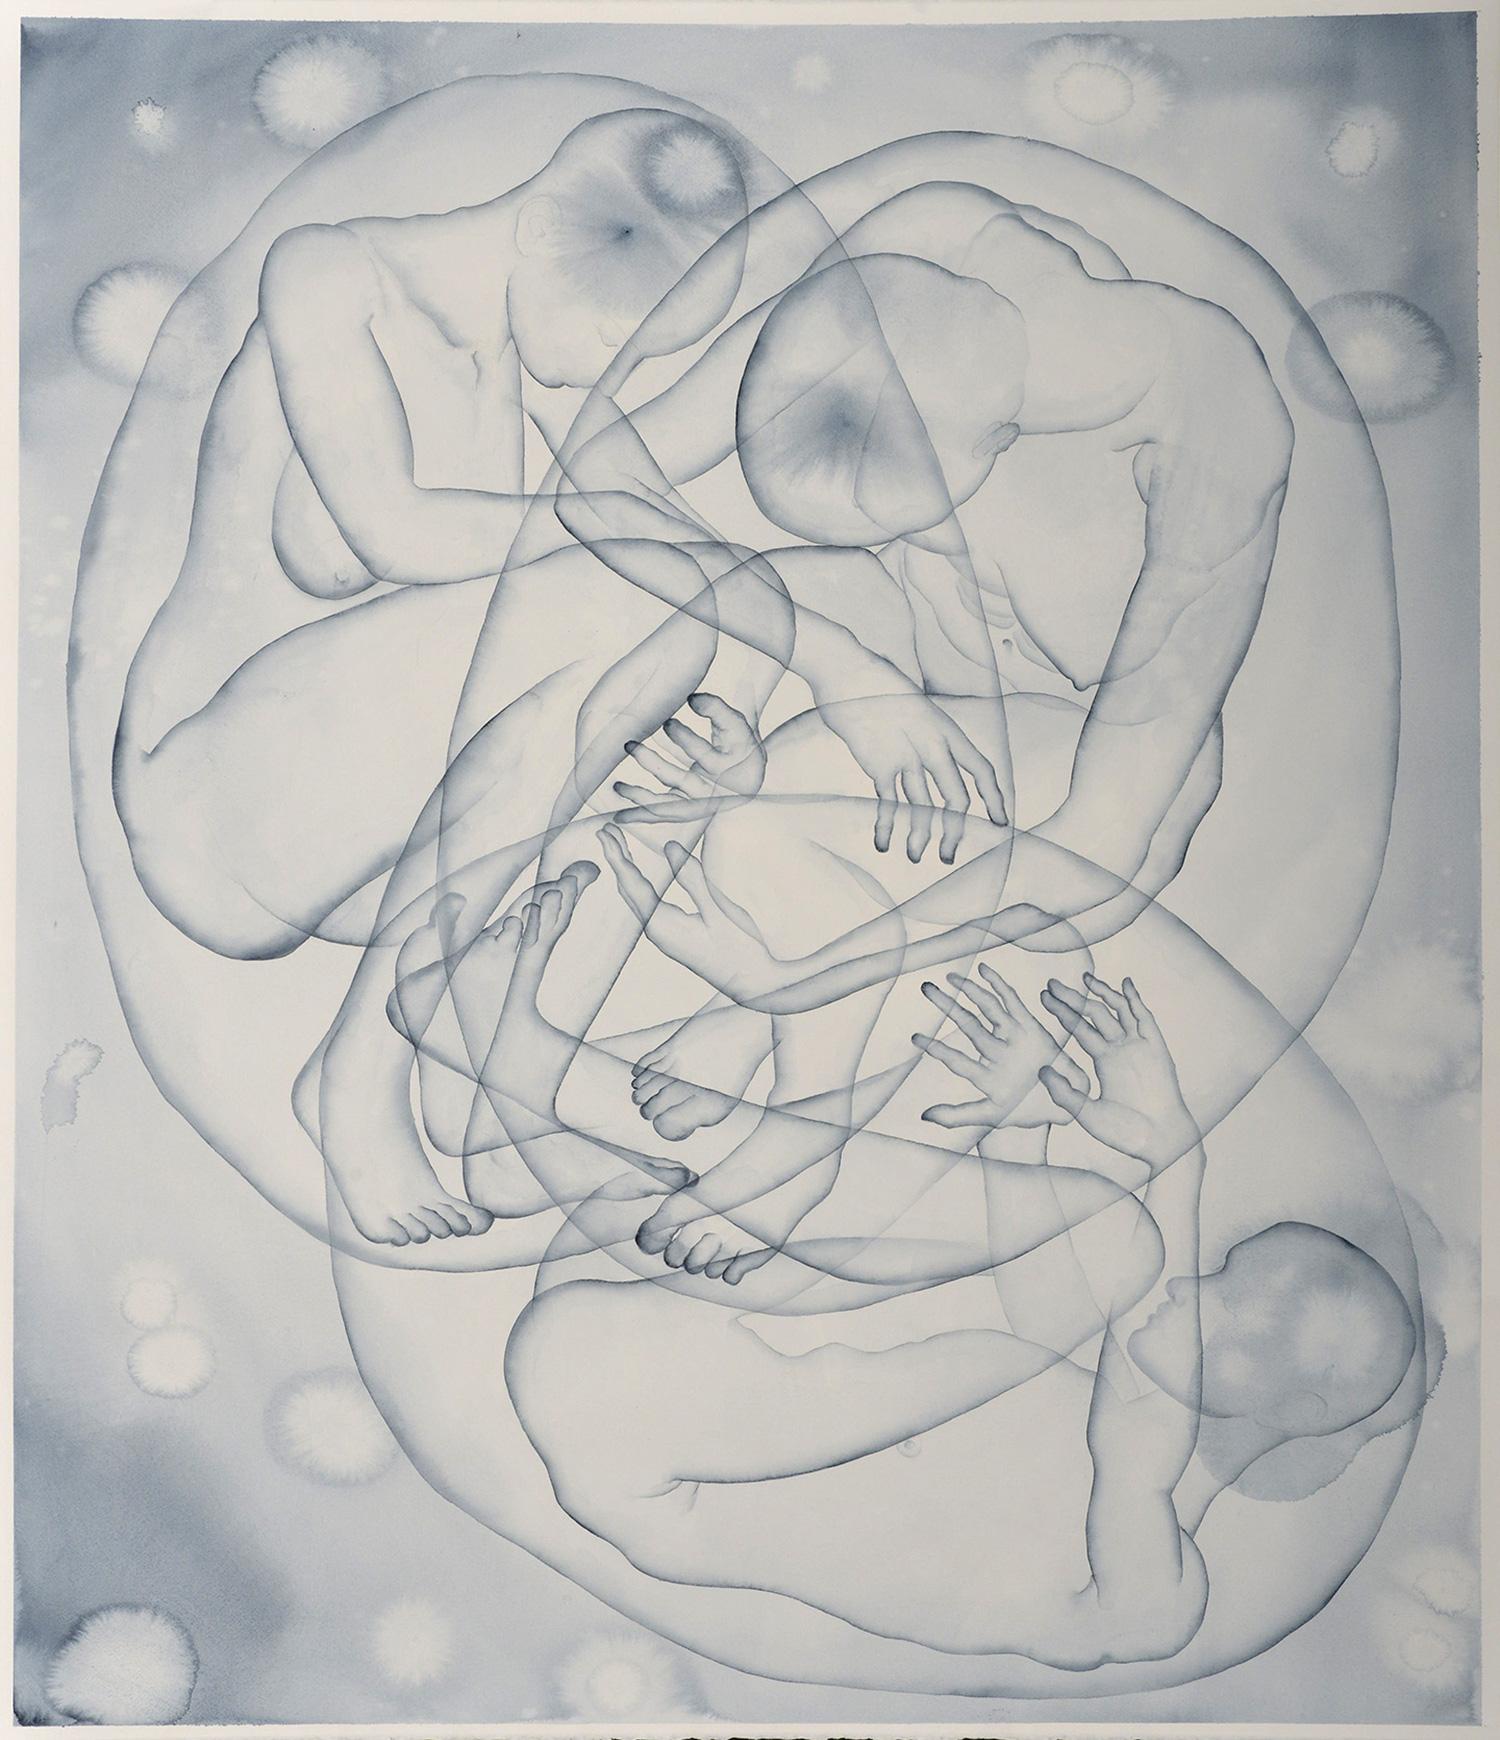 Stefano Bolzano, S.T., acquerello su carta, 95x111 cm, 2020.